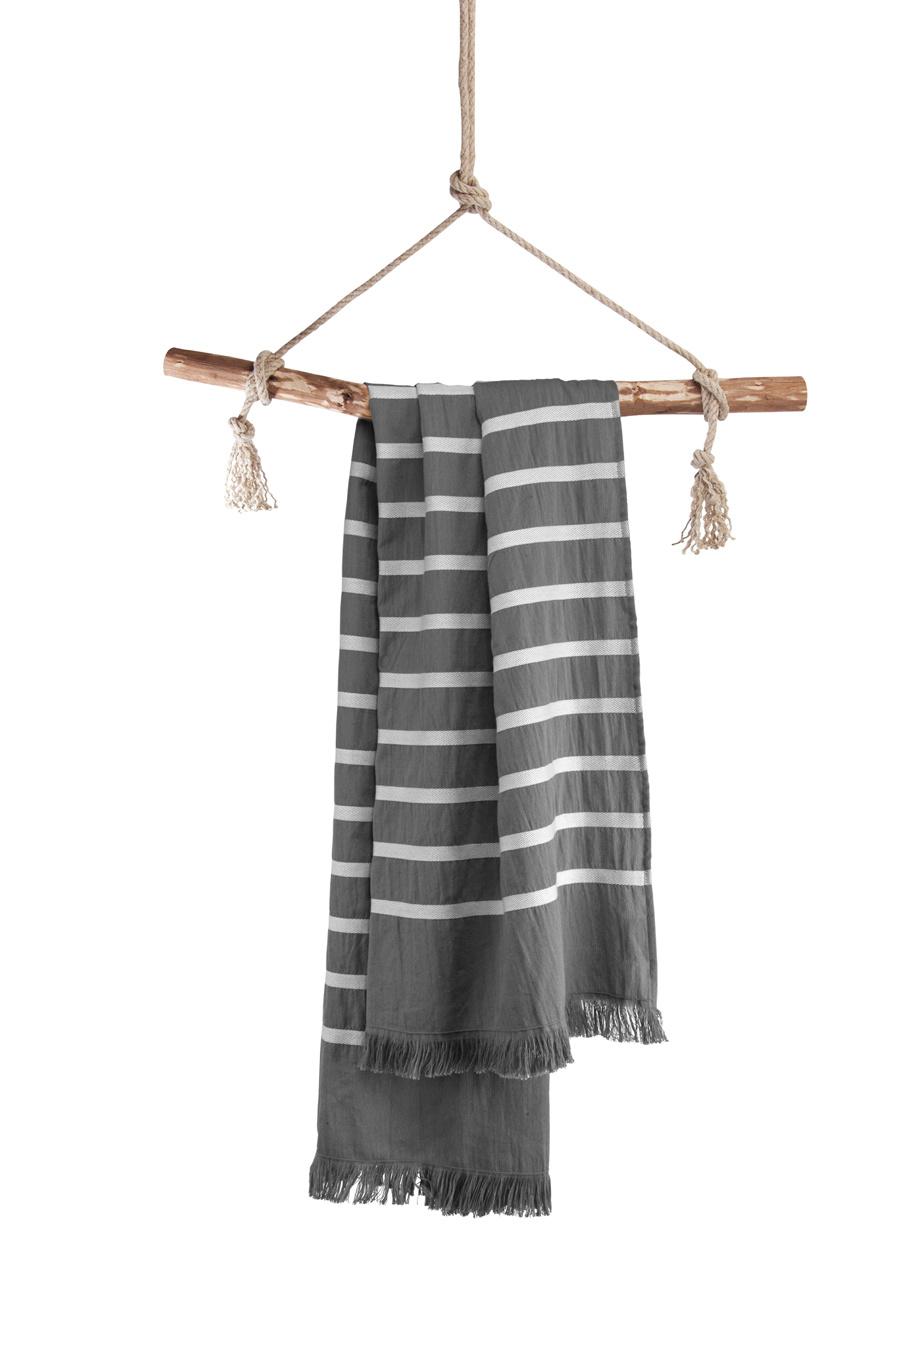 Walra Hamamdoek Fouta Sunny Stripes 100x180 Antraciet